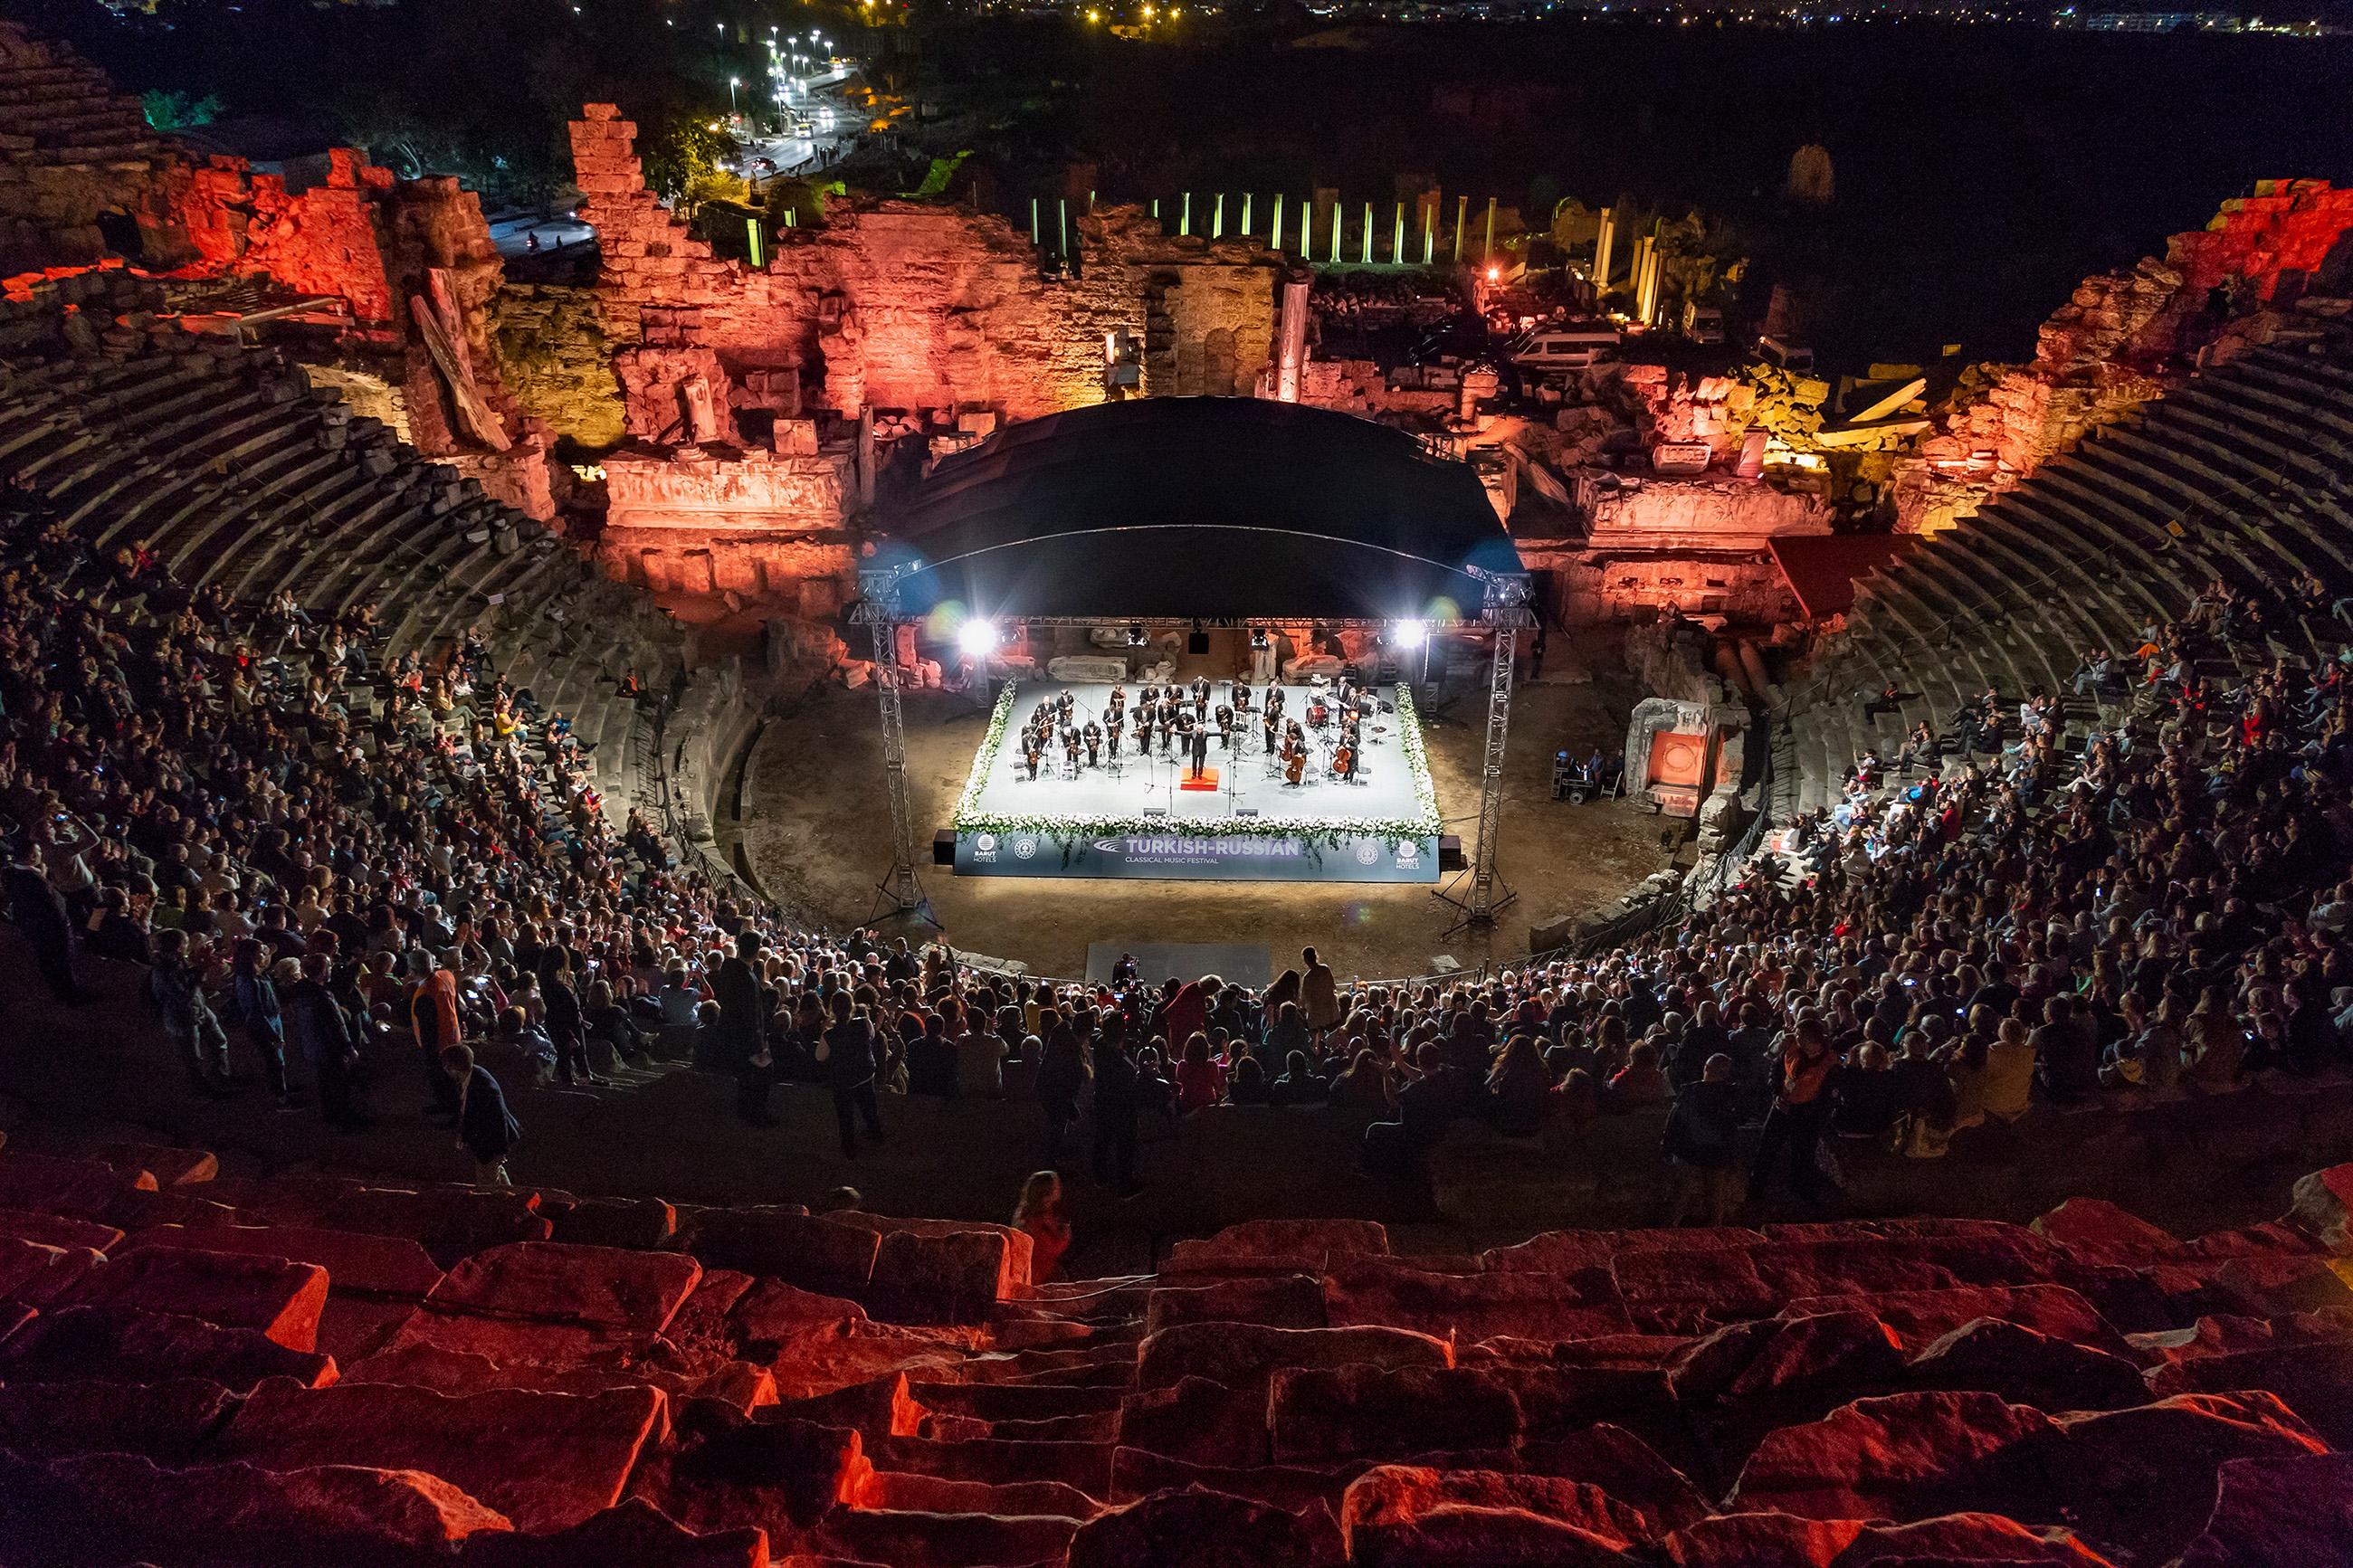 Türk-Rus Klasik Müzik Festivali'ne antik tiyatroda muhteşem kapanış